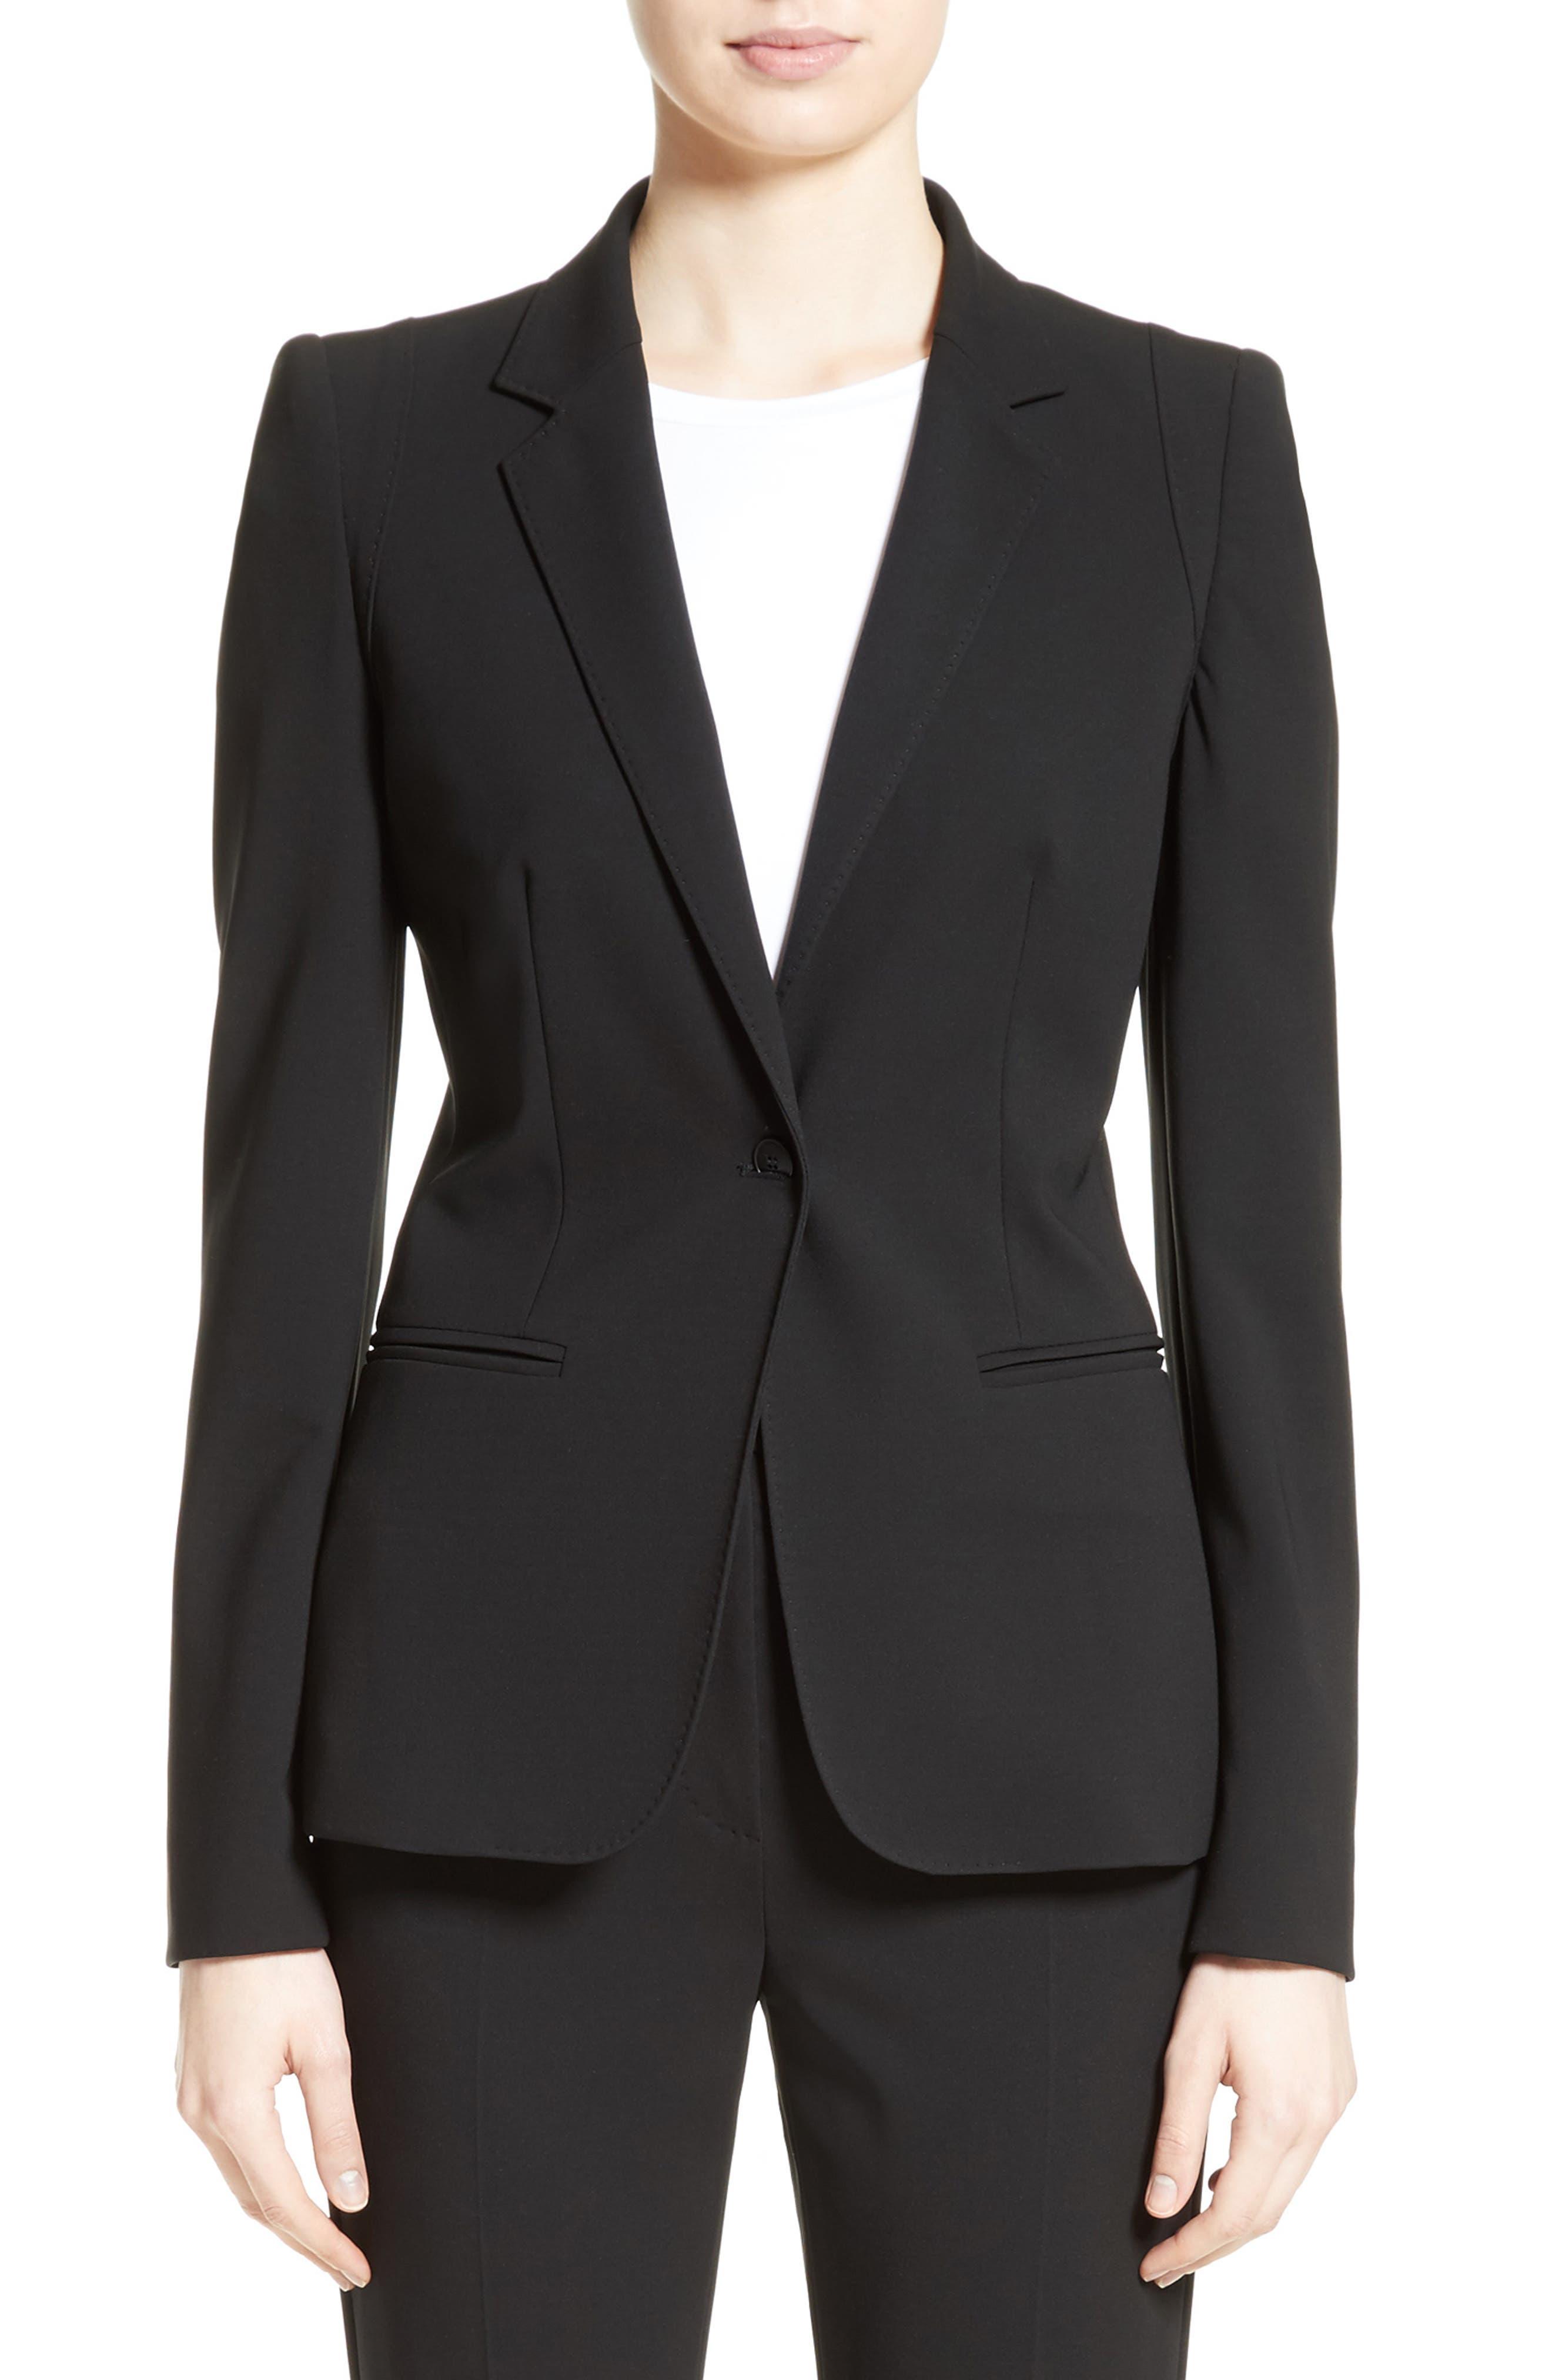 Bari Stretch Jersey Jacket,                             Main thumbnail 1, color,                             001